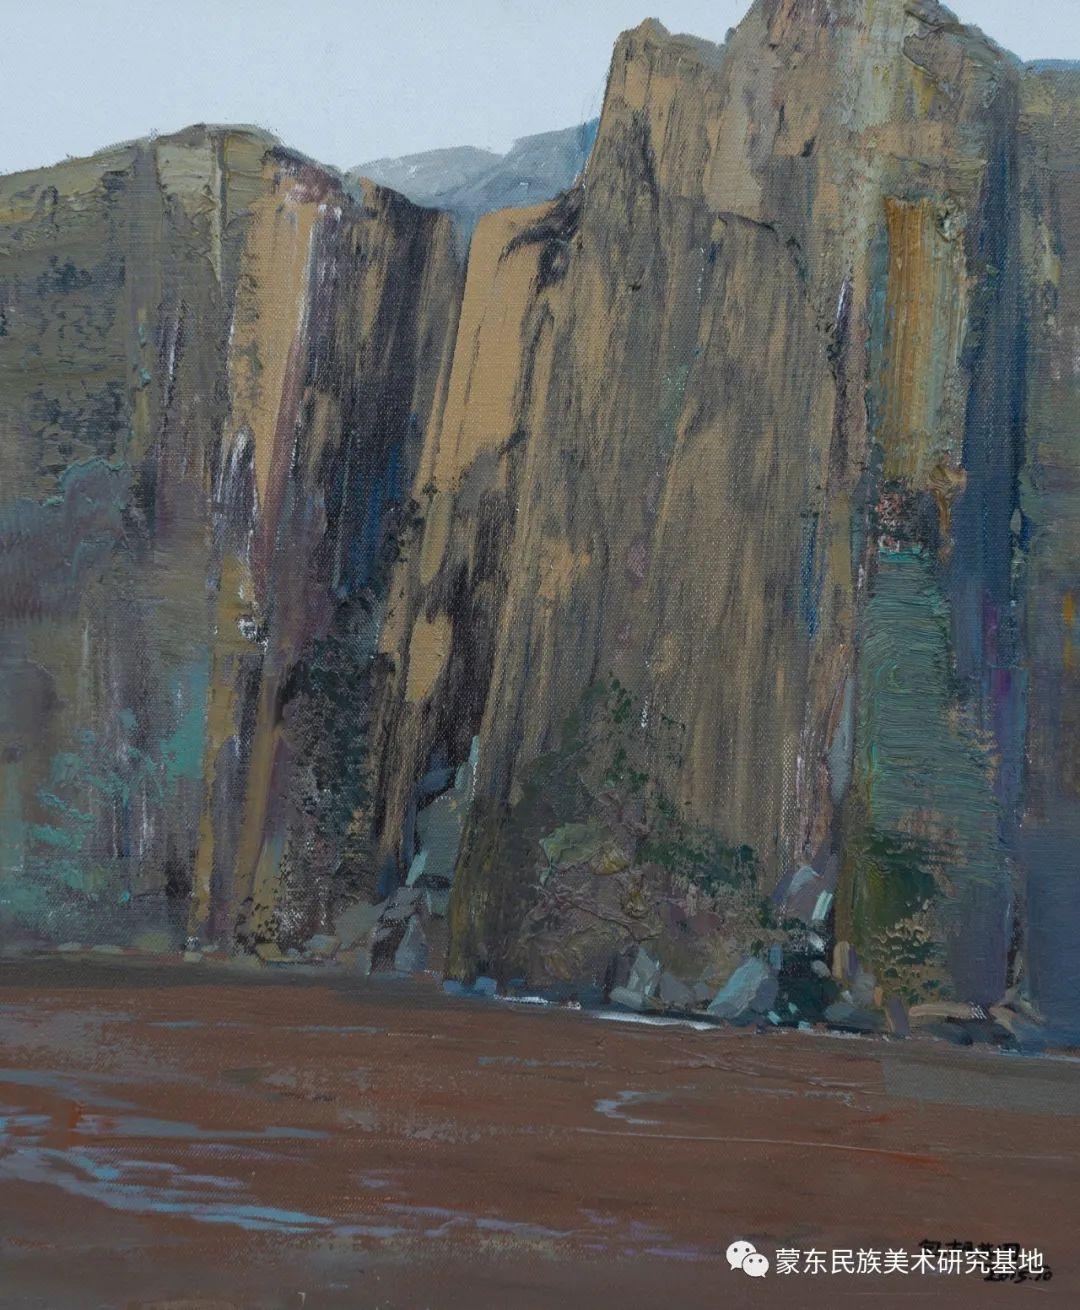 科尔沁首届油画展作品集 第24张 科尔沁首届油画展作品集 蒙古画廊